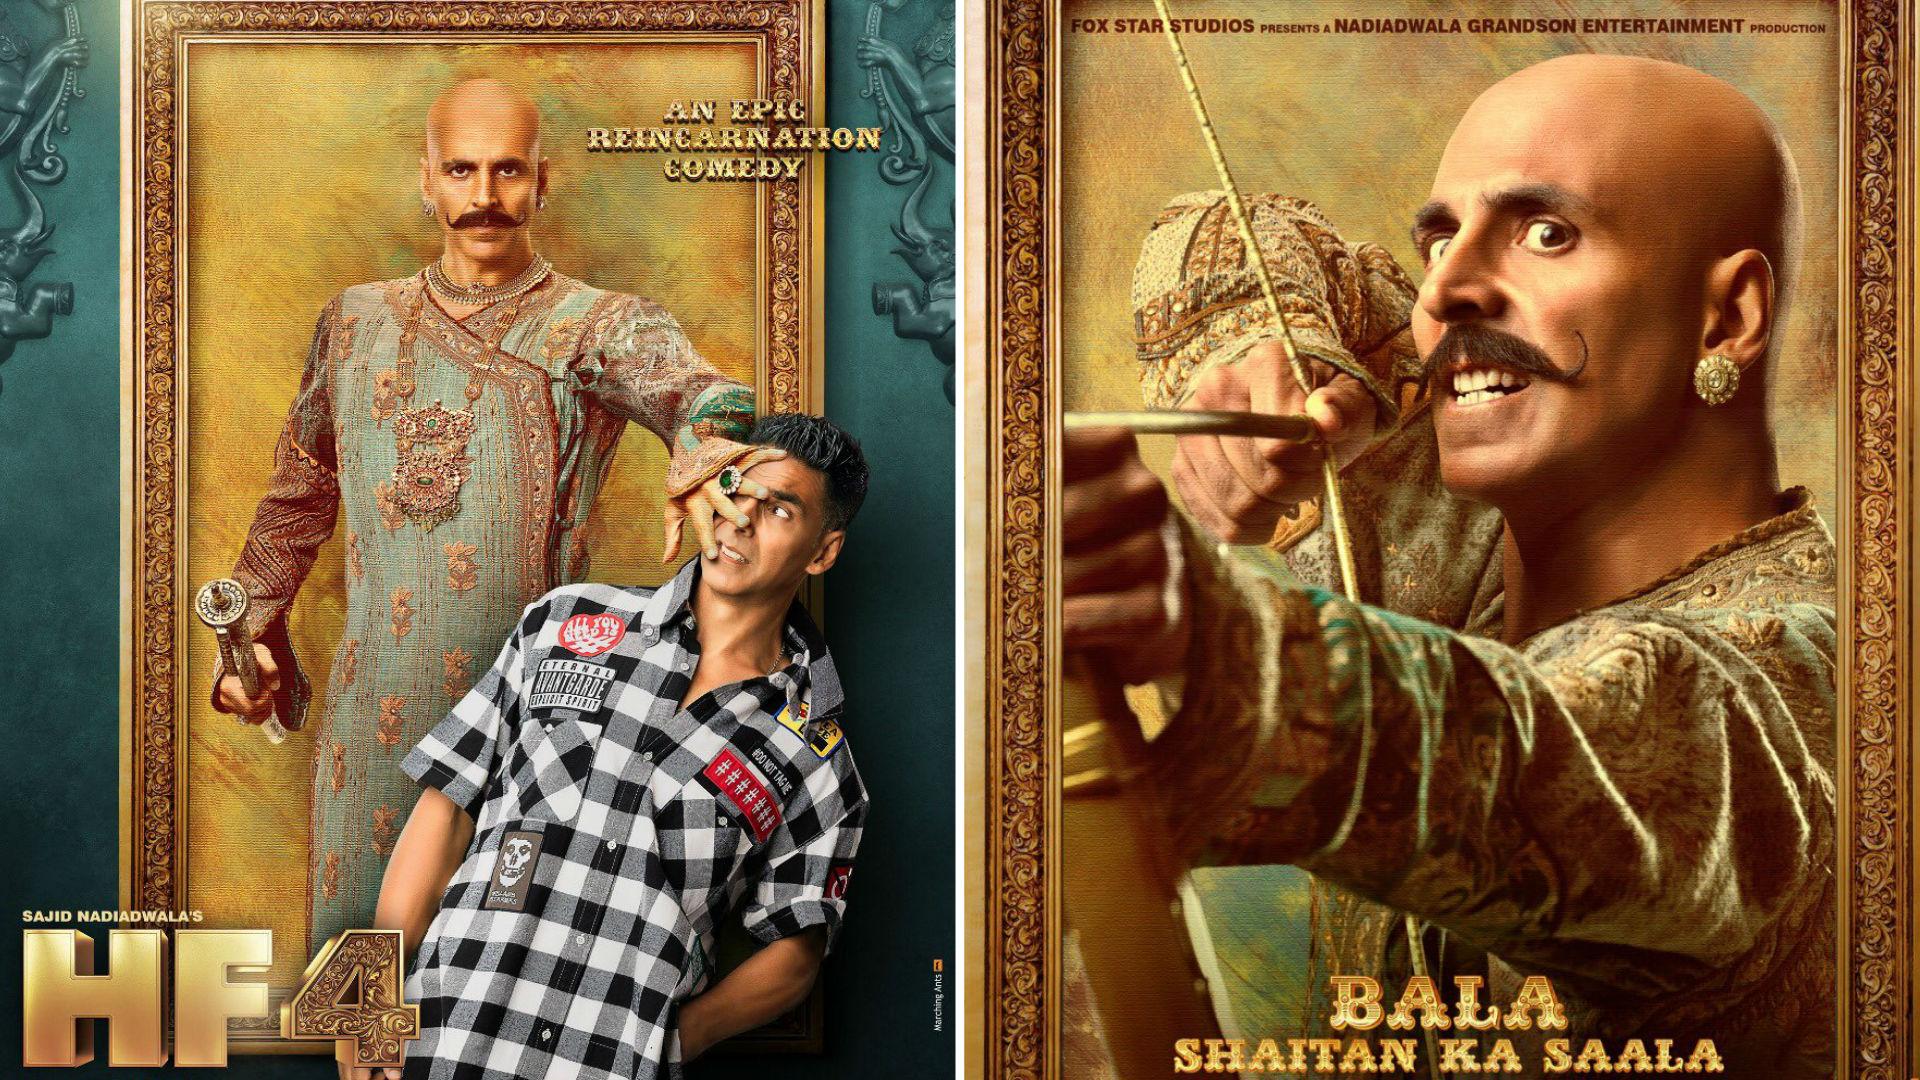 Housefull 4 Movie: अक्षय कुमार ने शेयर किए फिल्म के फर्स्ट लुक पोस्टर, इस मूवी में होगी पुनर्जन्म की कहानी